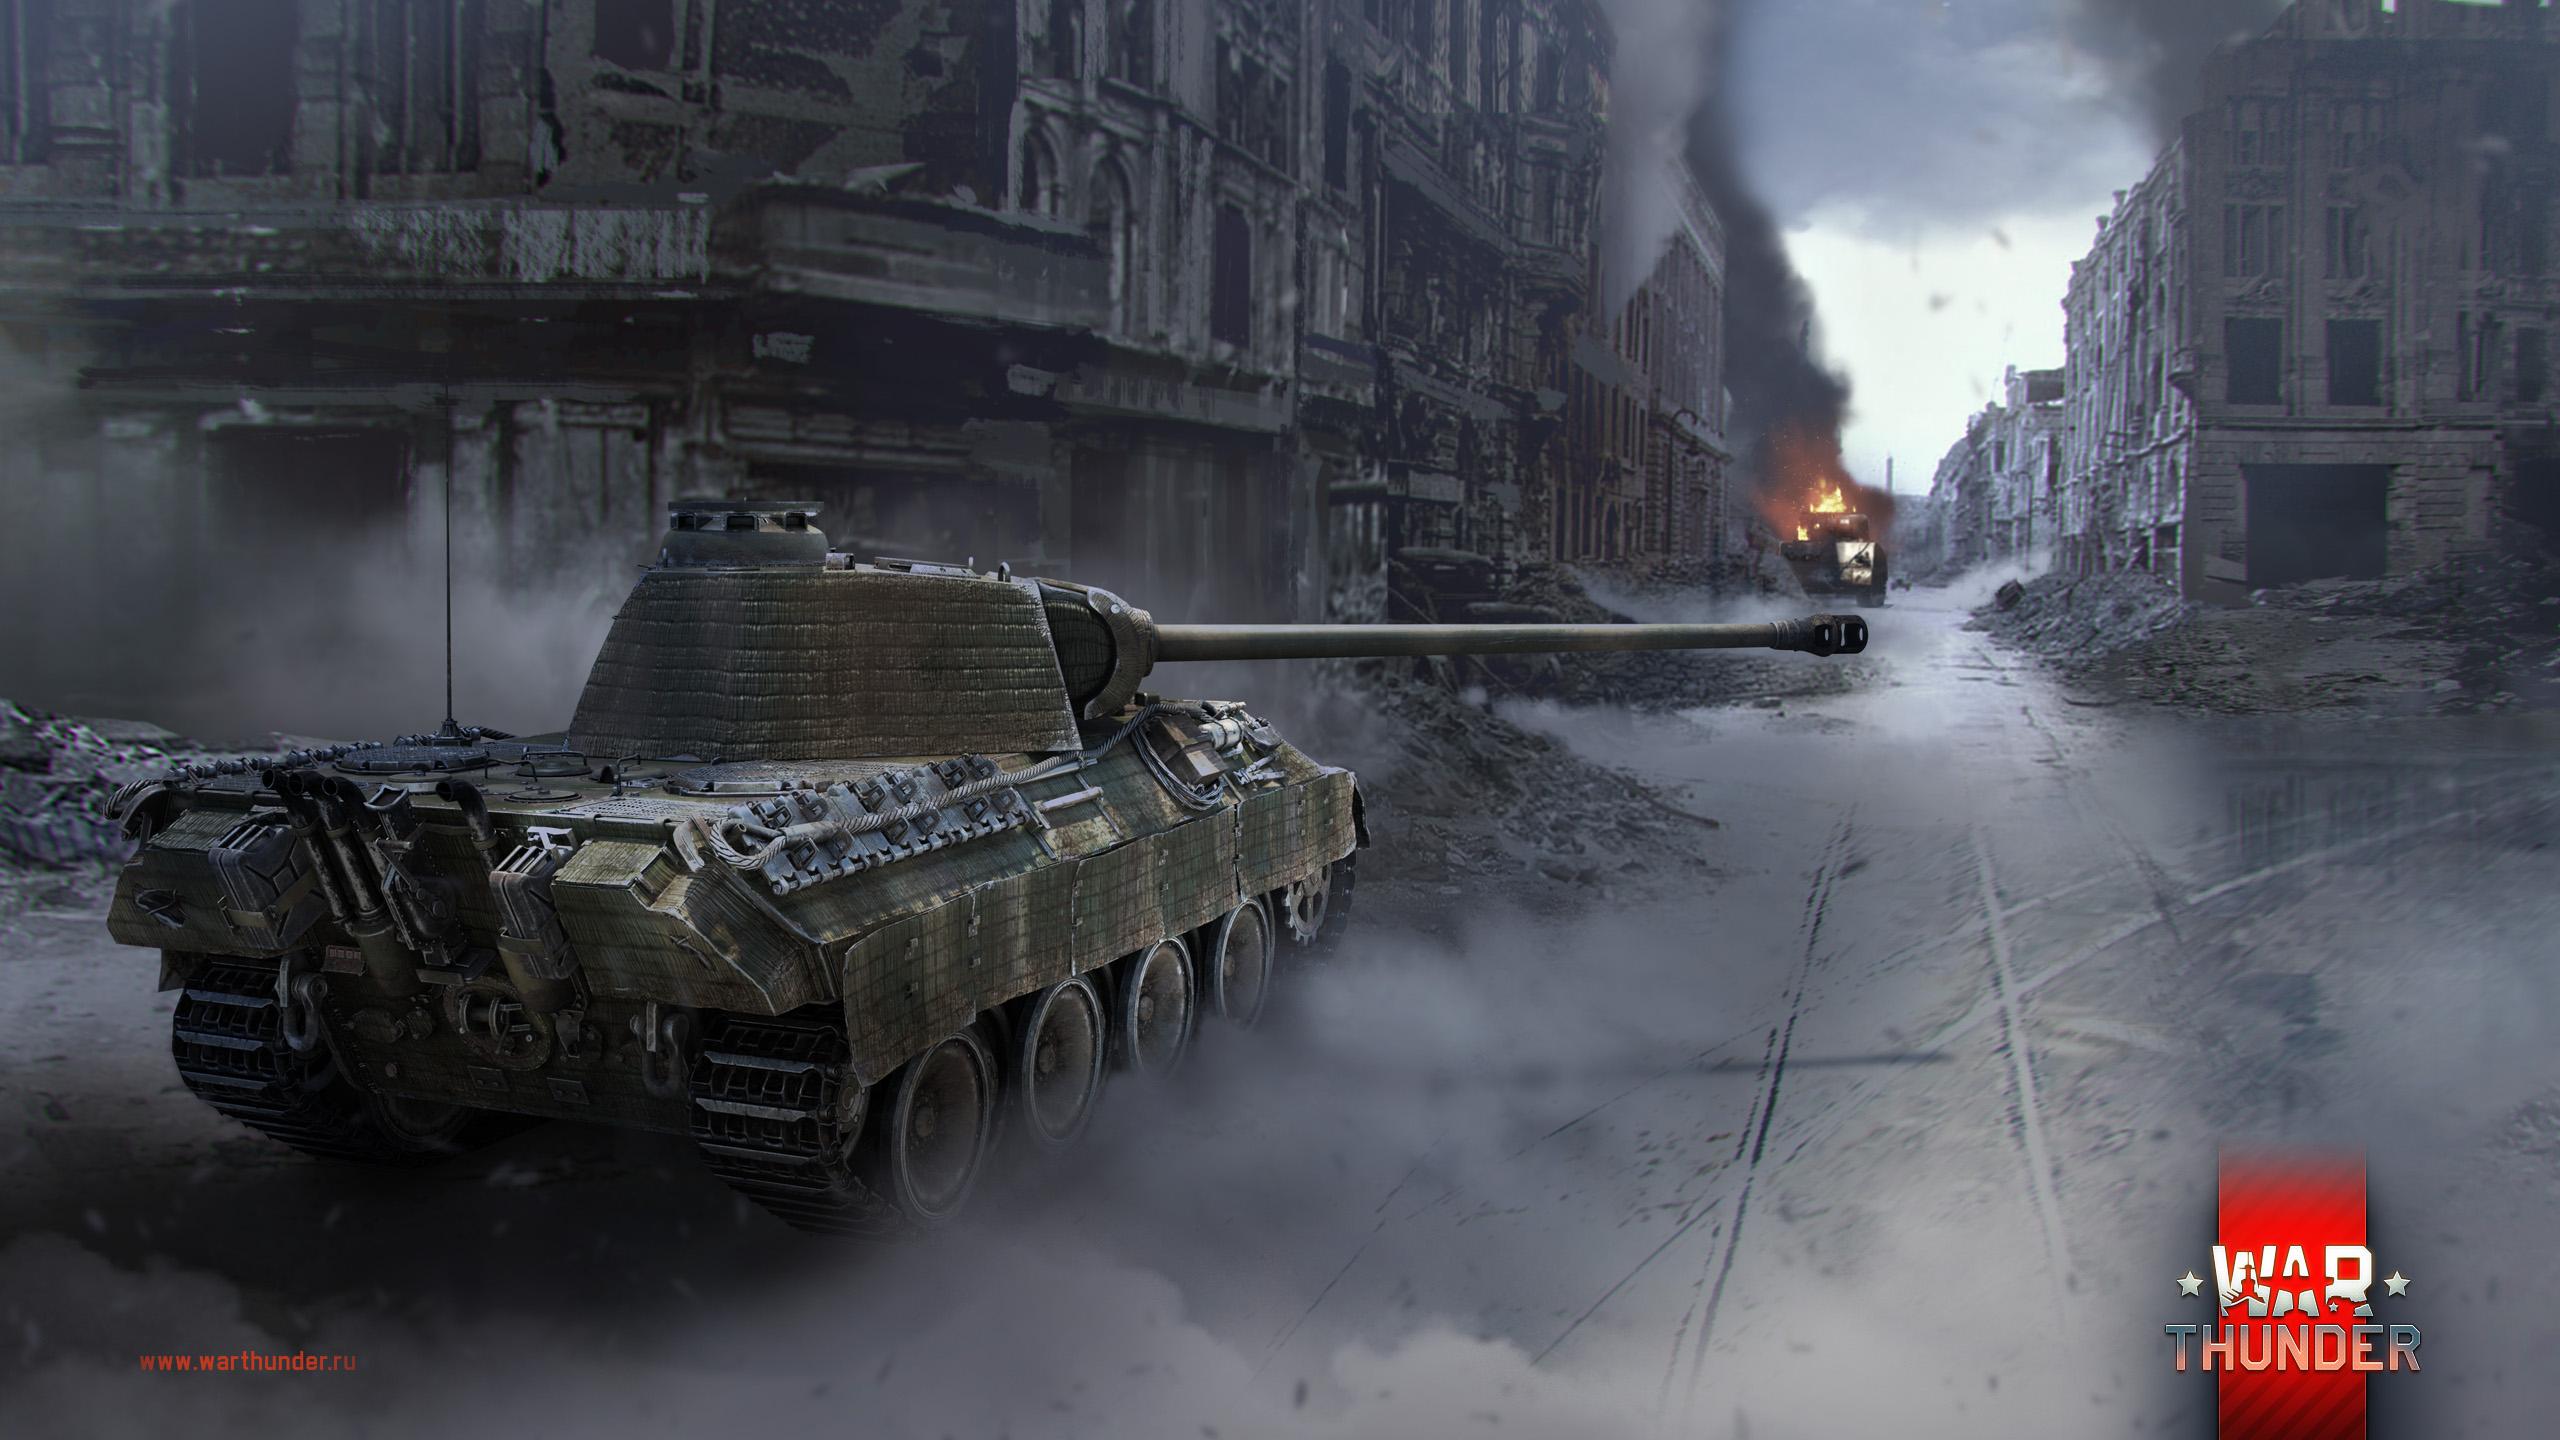 рисунок Пантера в городском бою